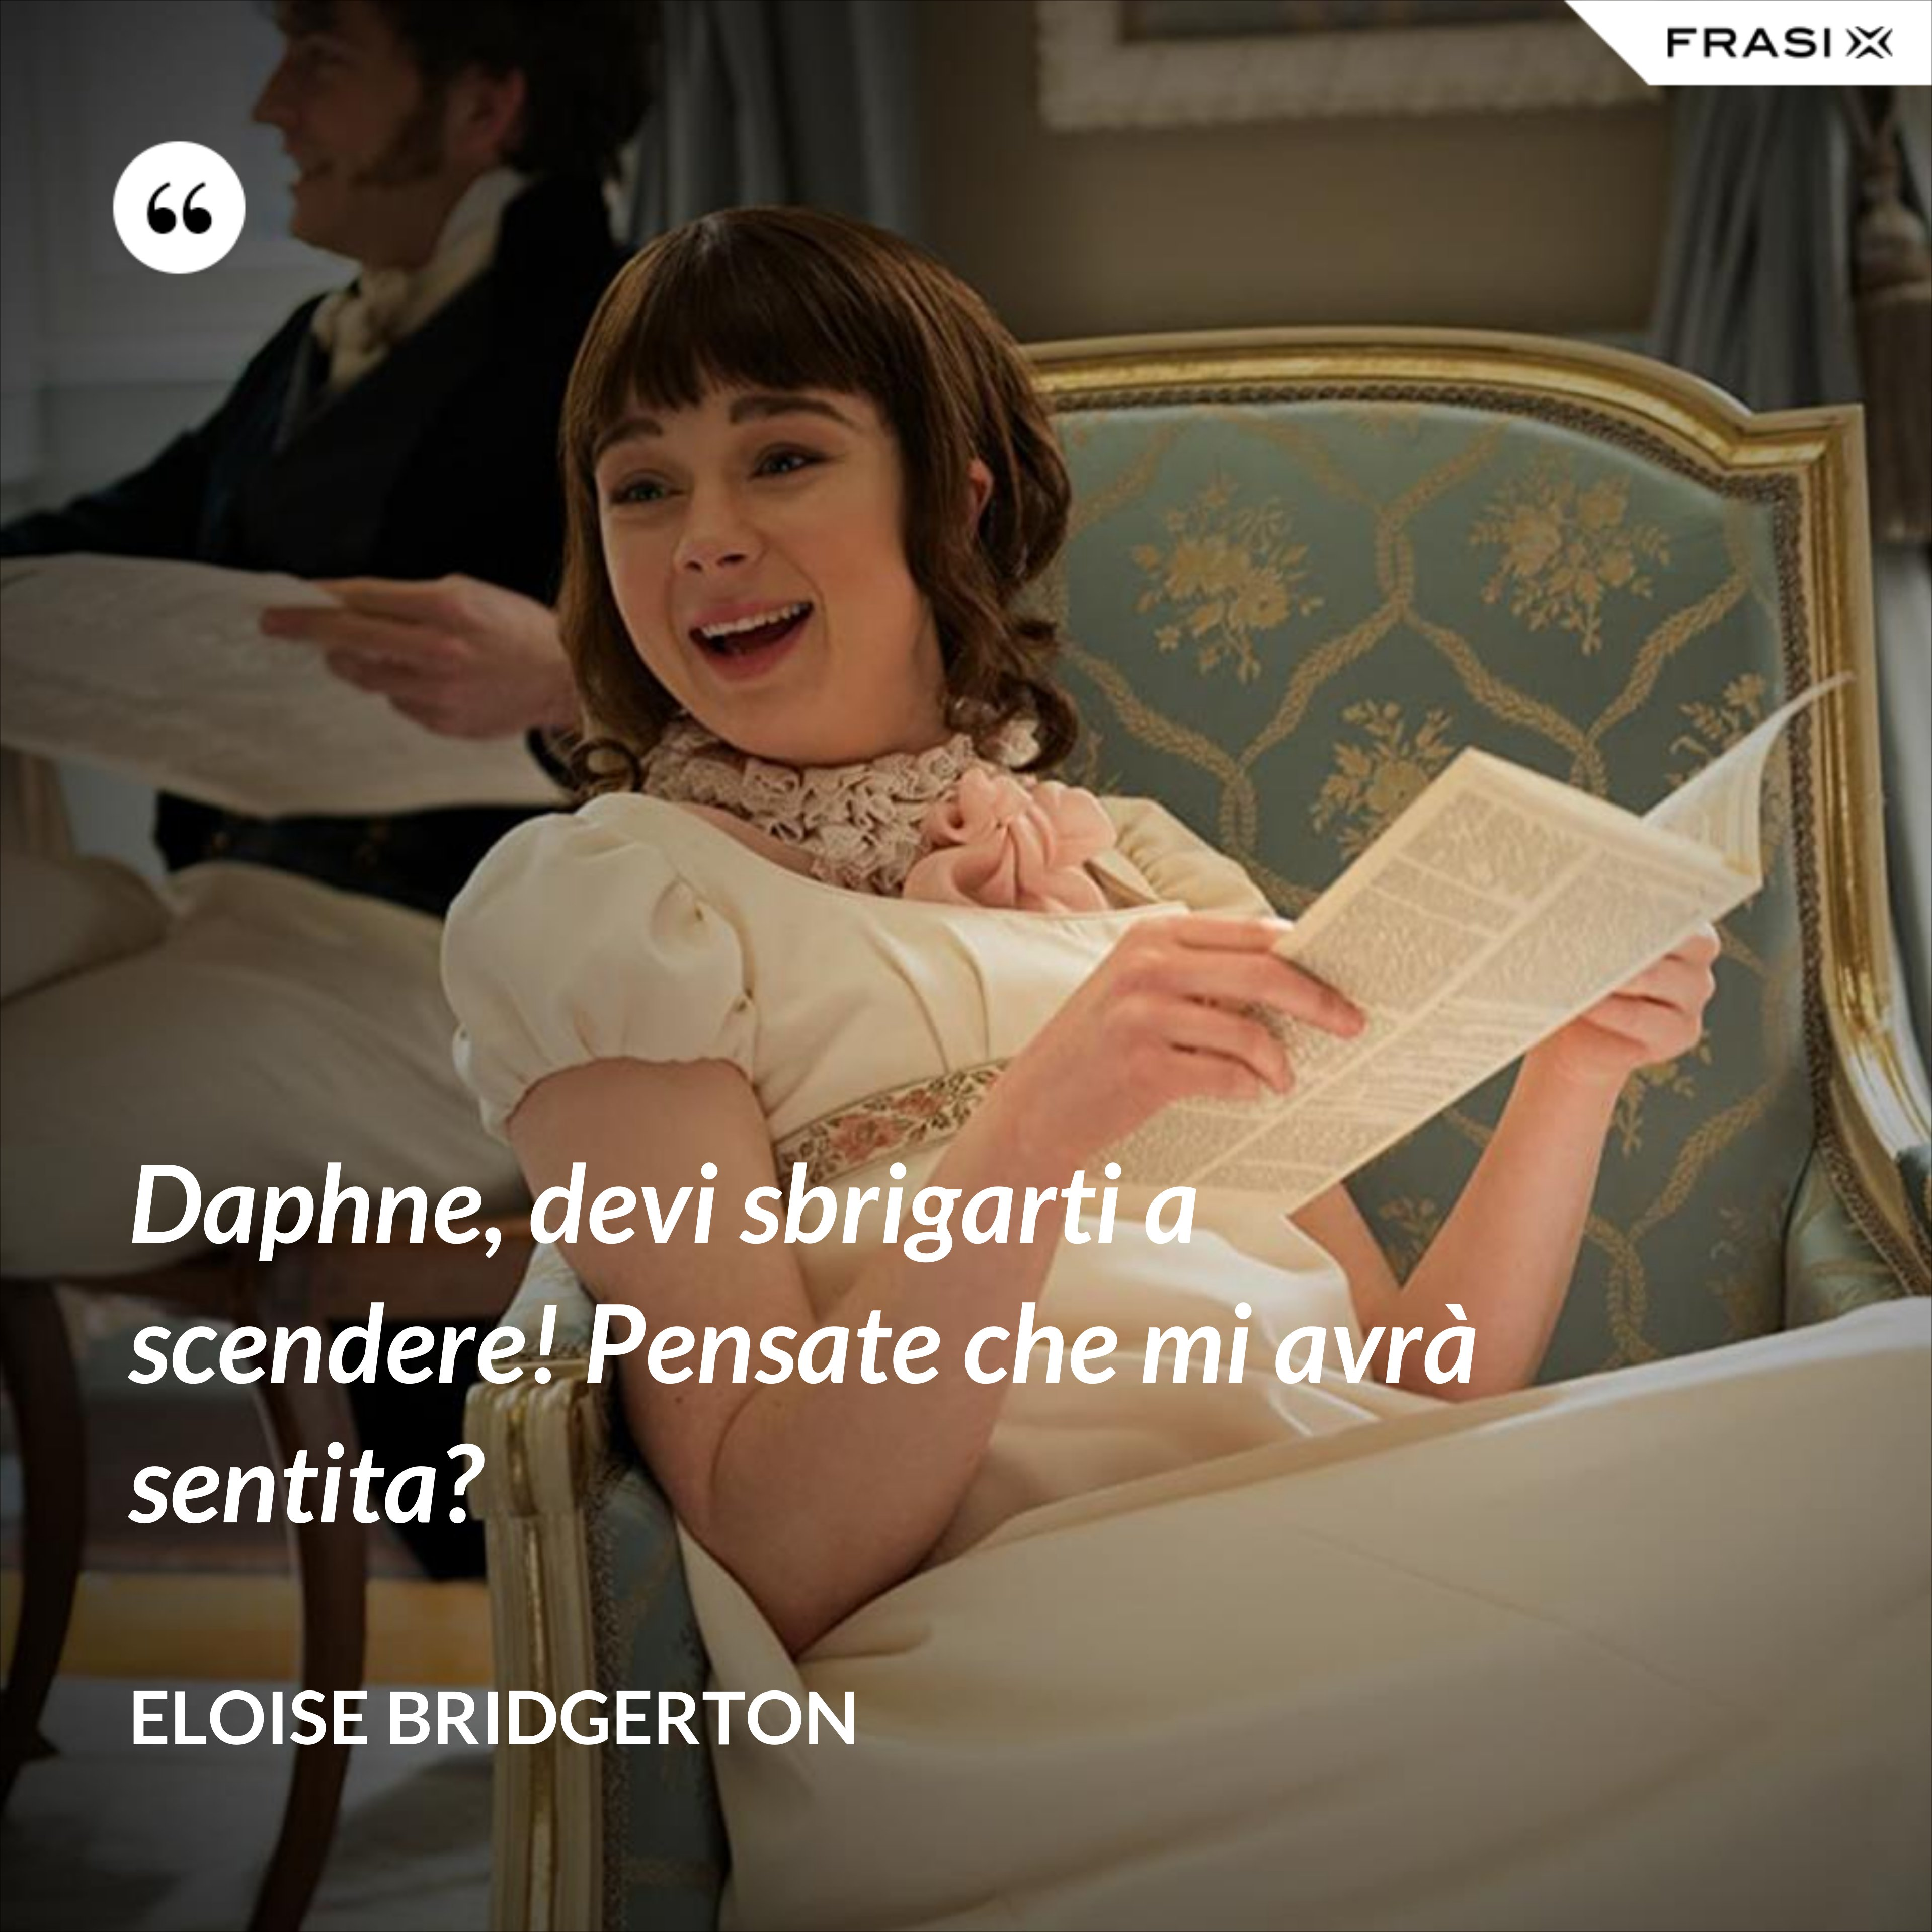 Daphne, devi sbrigarti a scendere! Pensate che mi avrà sentita? - Eloise Bridgerton